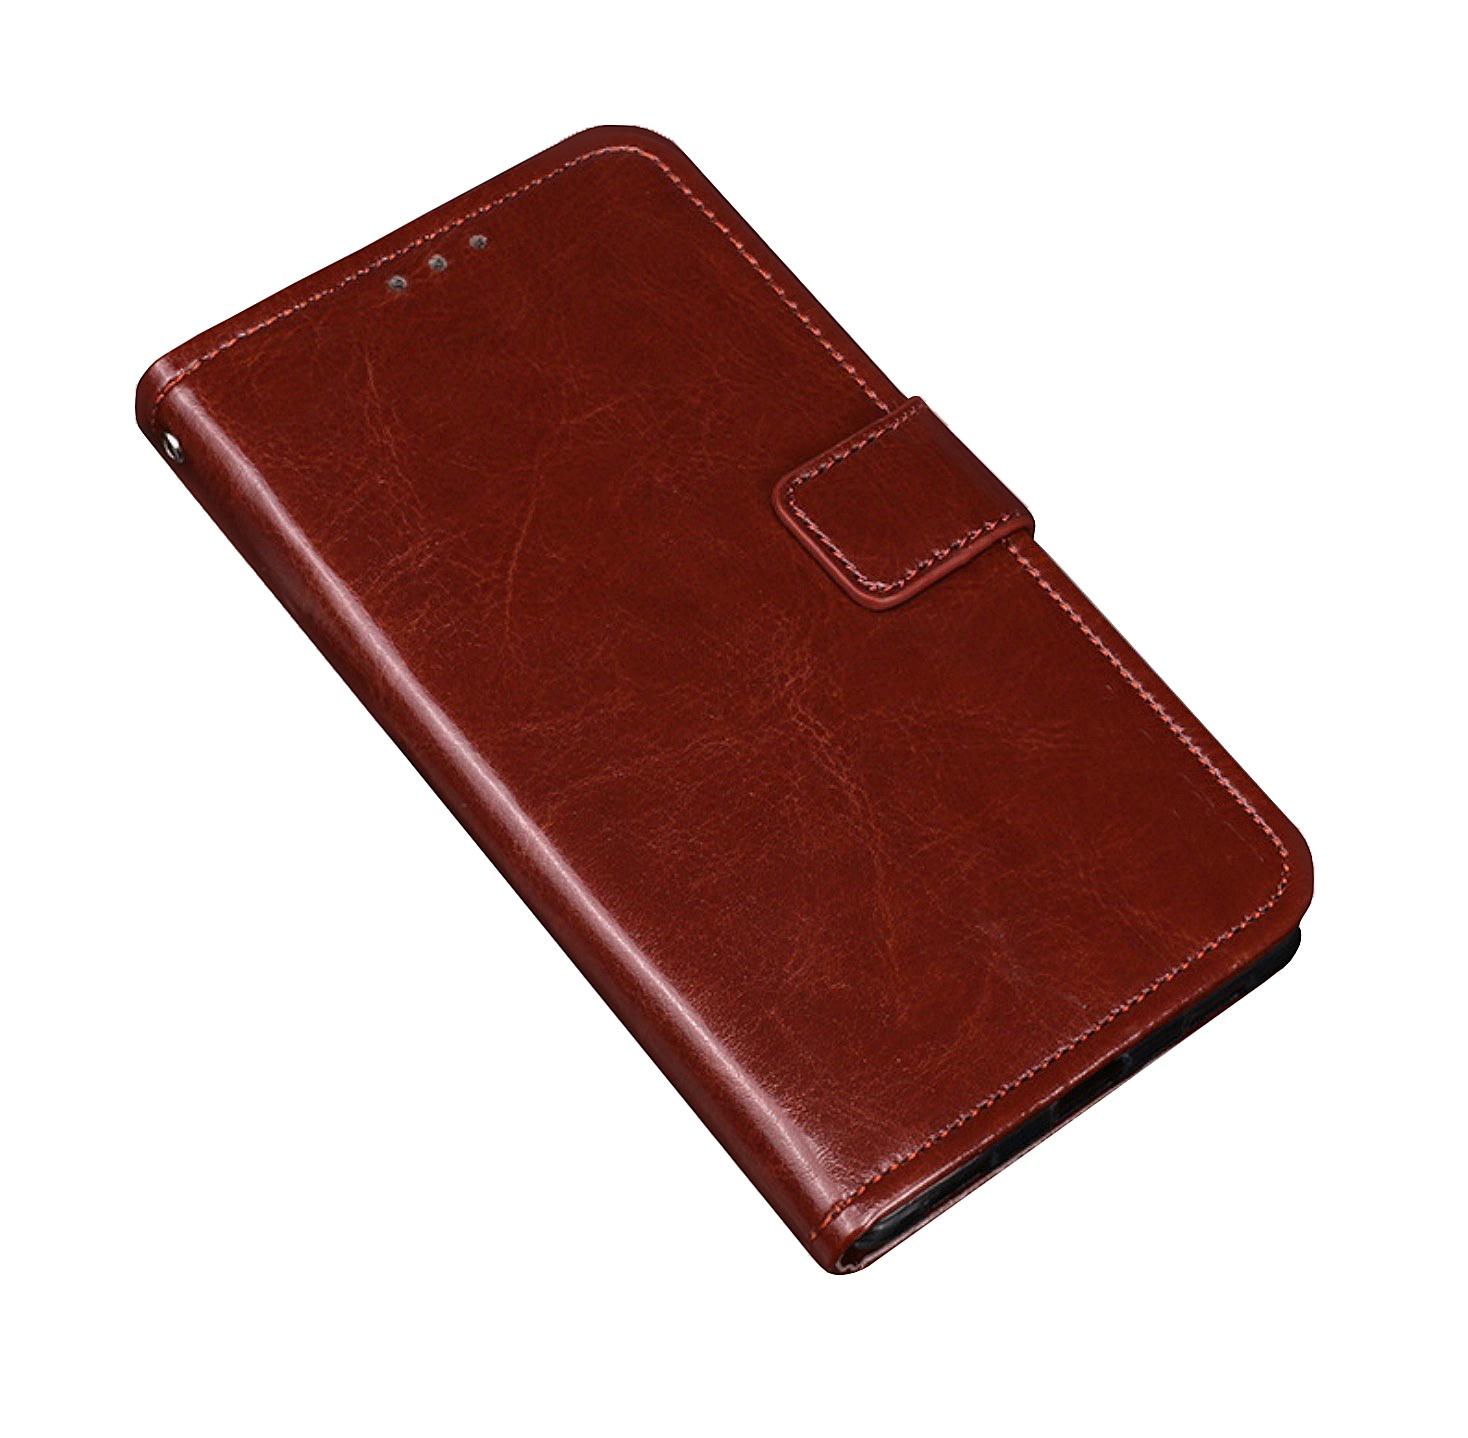 Фирменный чехол-книжка из качественной импортной кожи с мульти-подставкой застёжкой и визитницей для Highscreen Power Five коричневый MyPads